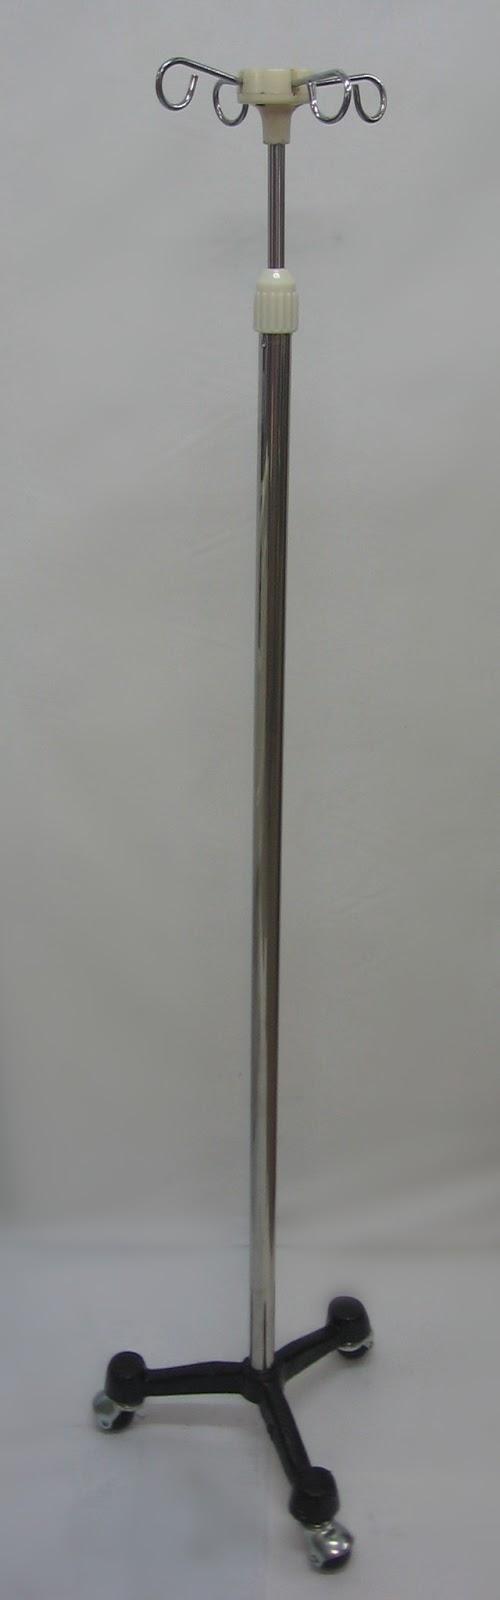 12. Drip stand 点滴杆